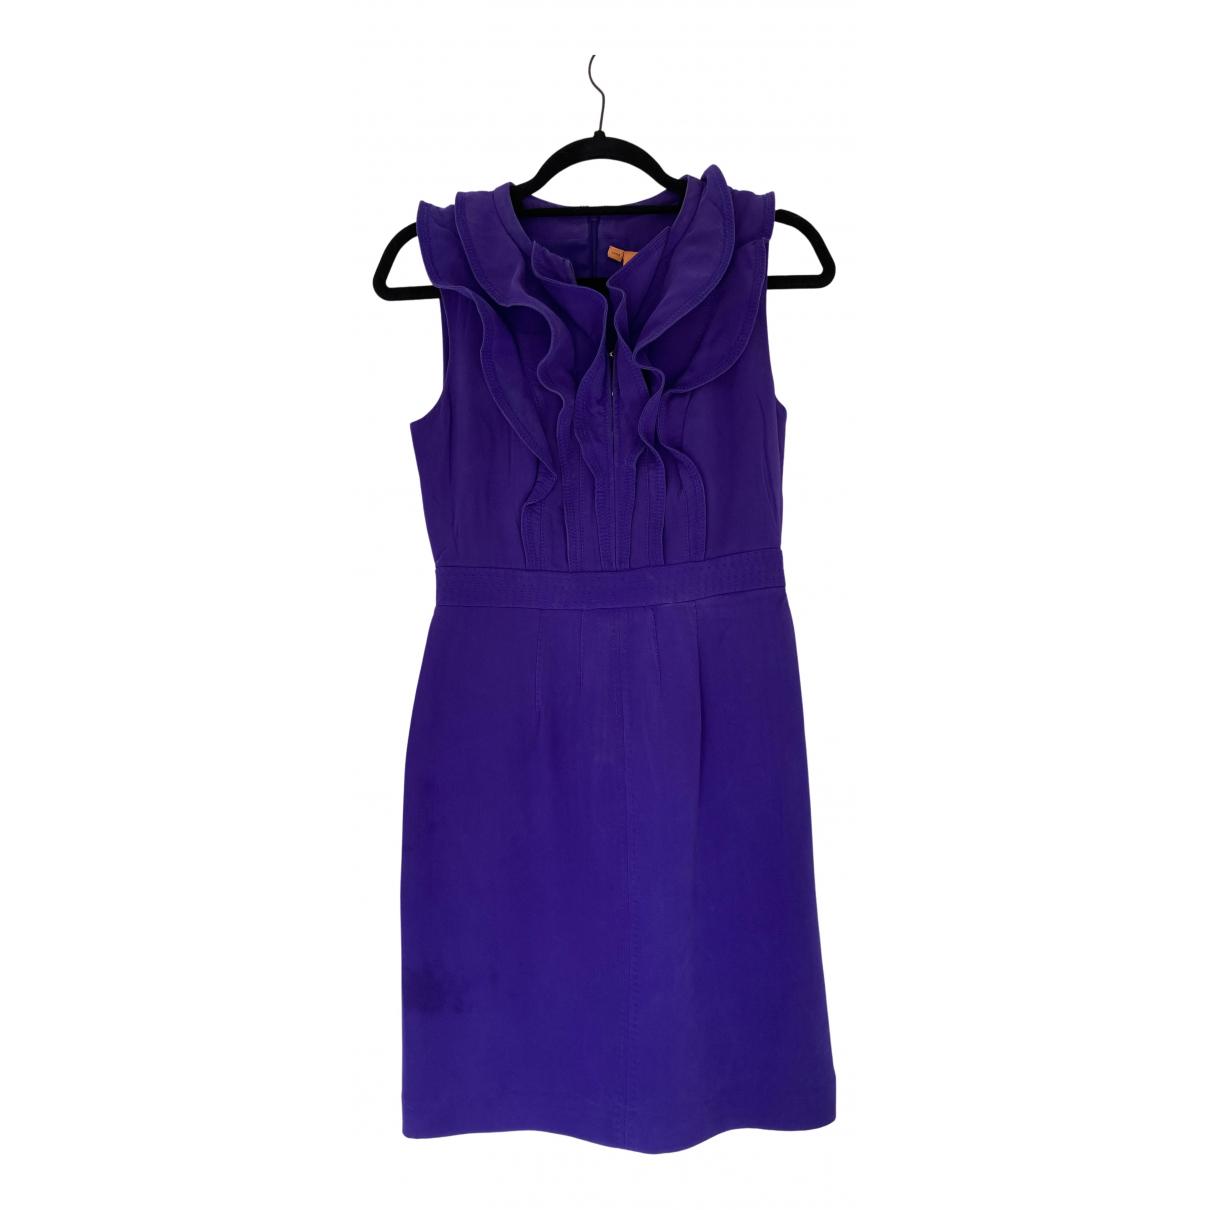 Tory Burch N Purple Silk dress for Women 2 US